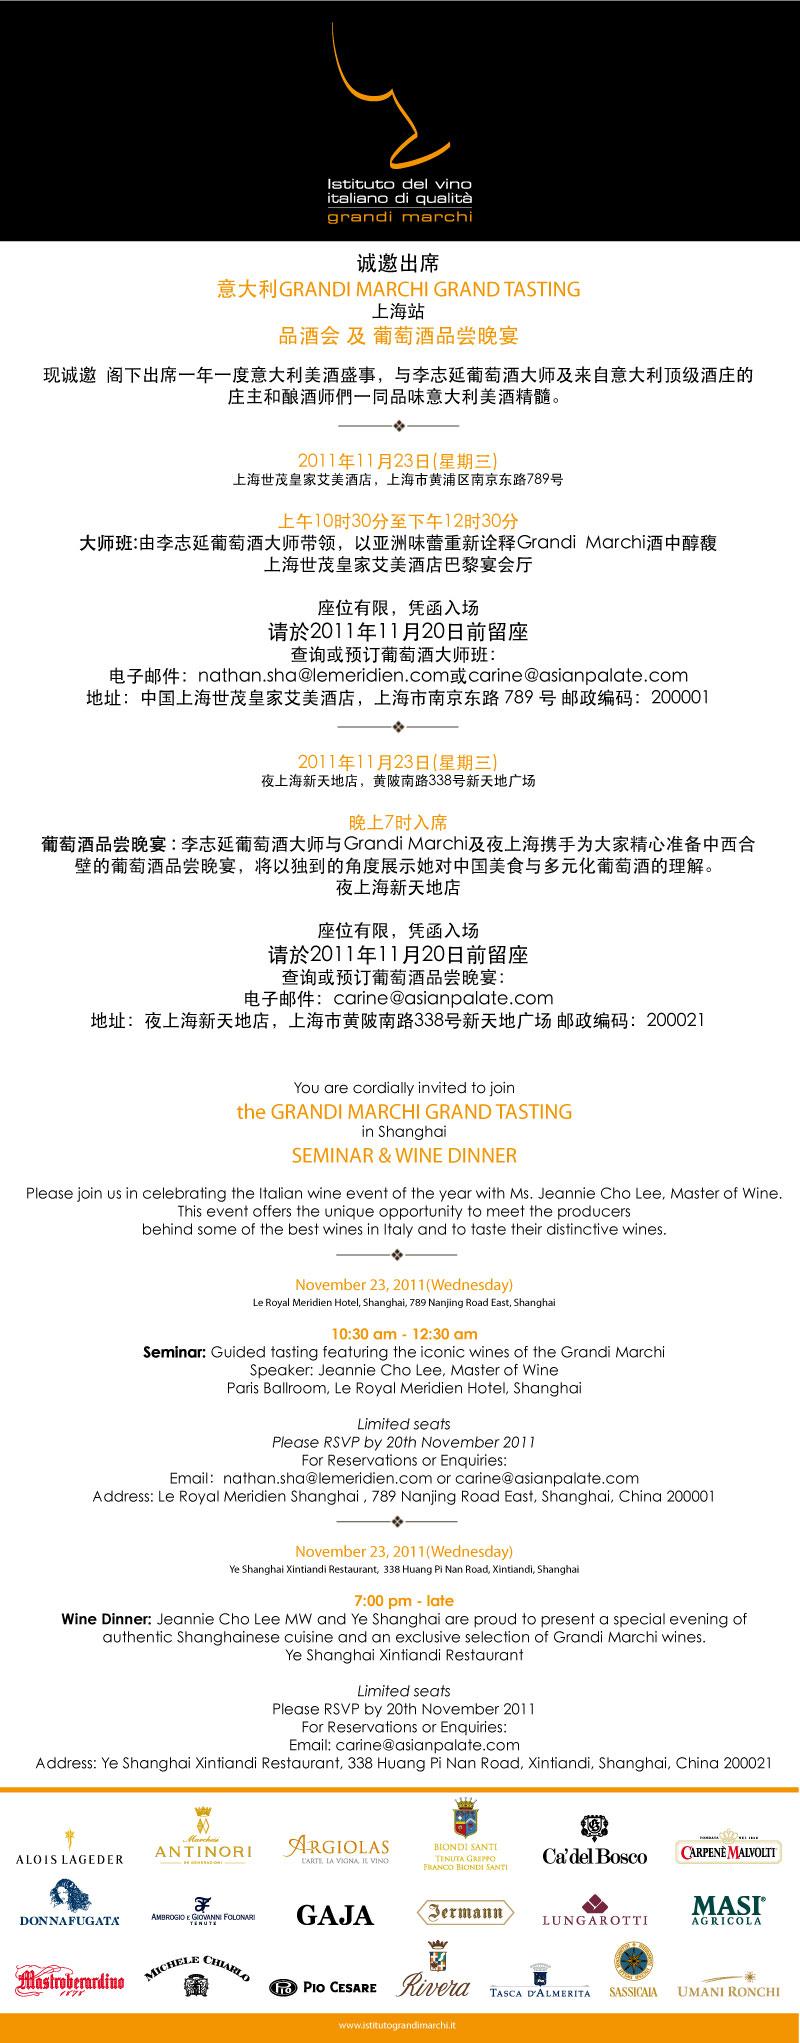 invito-shanghai-sem&dinner18nov